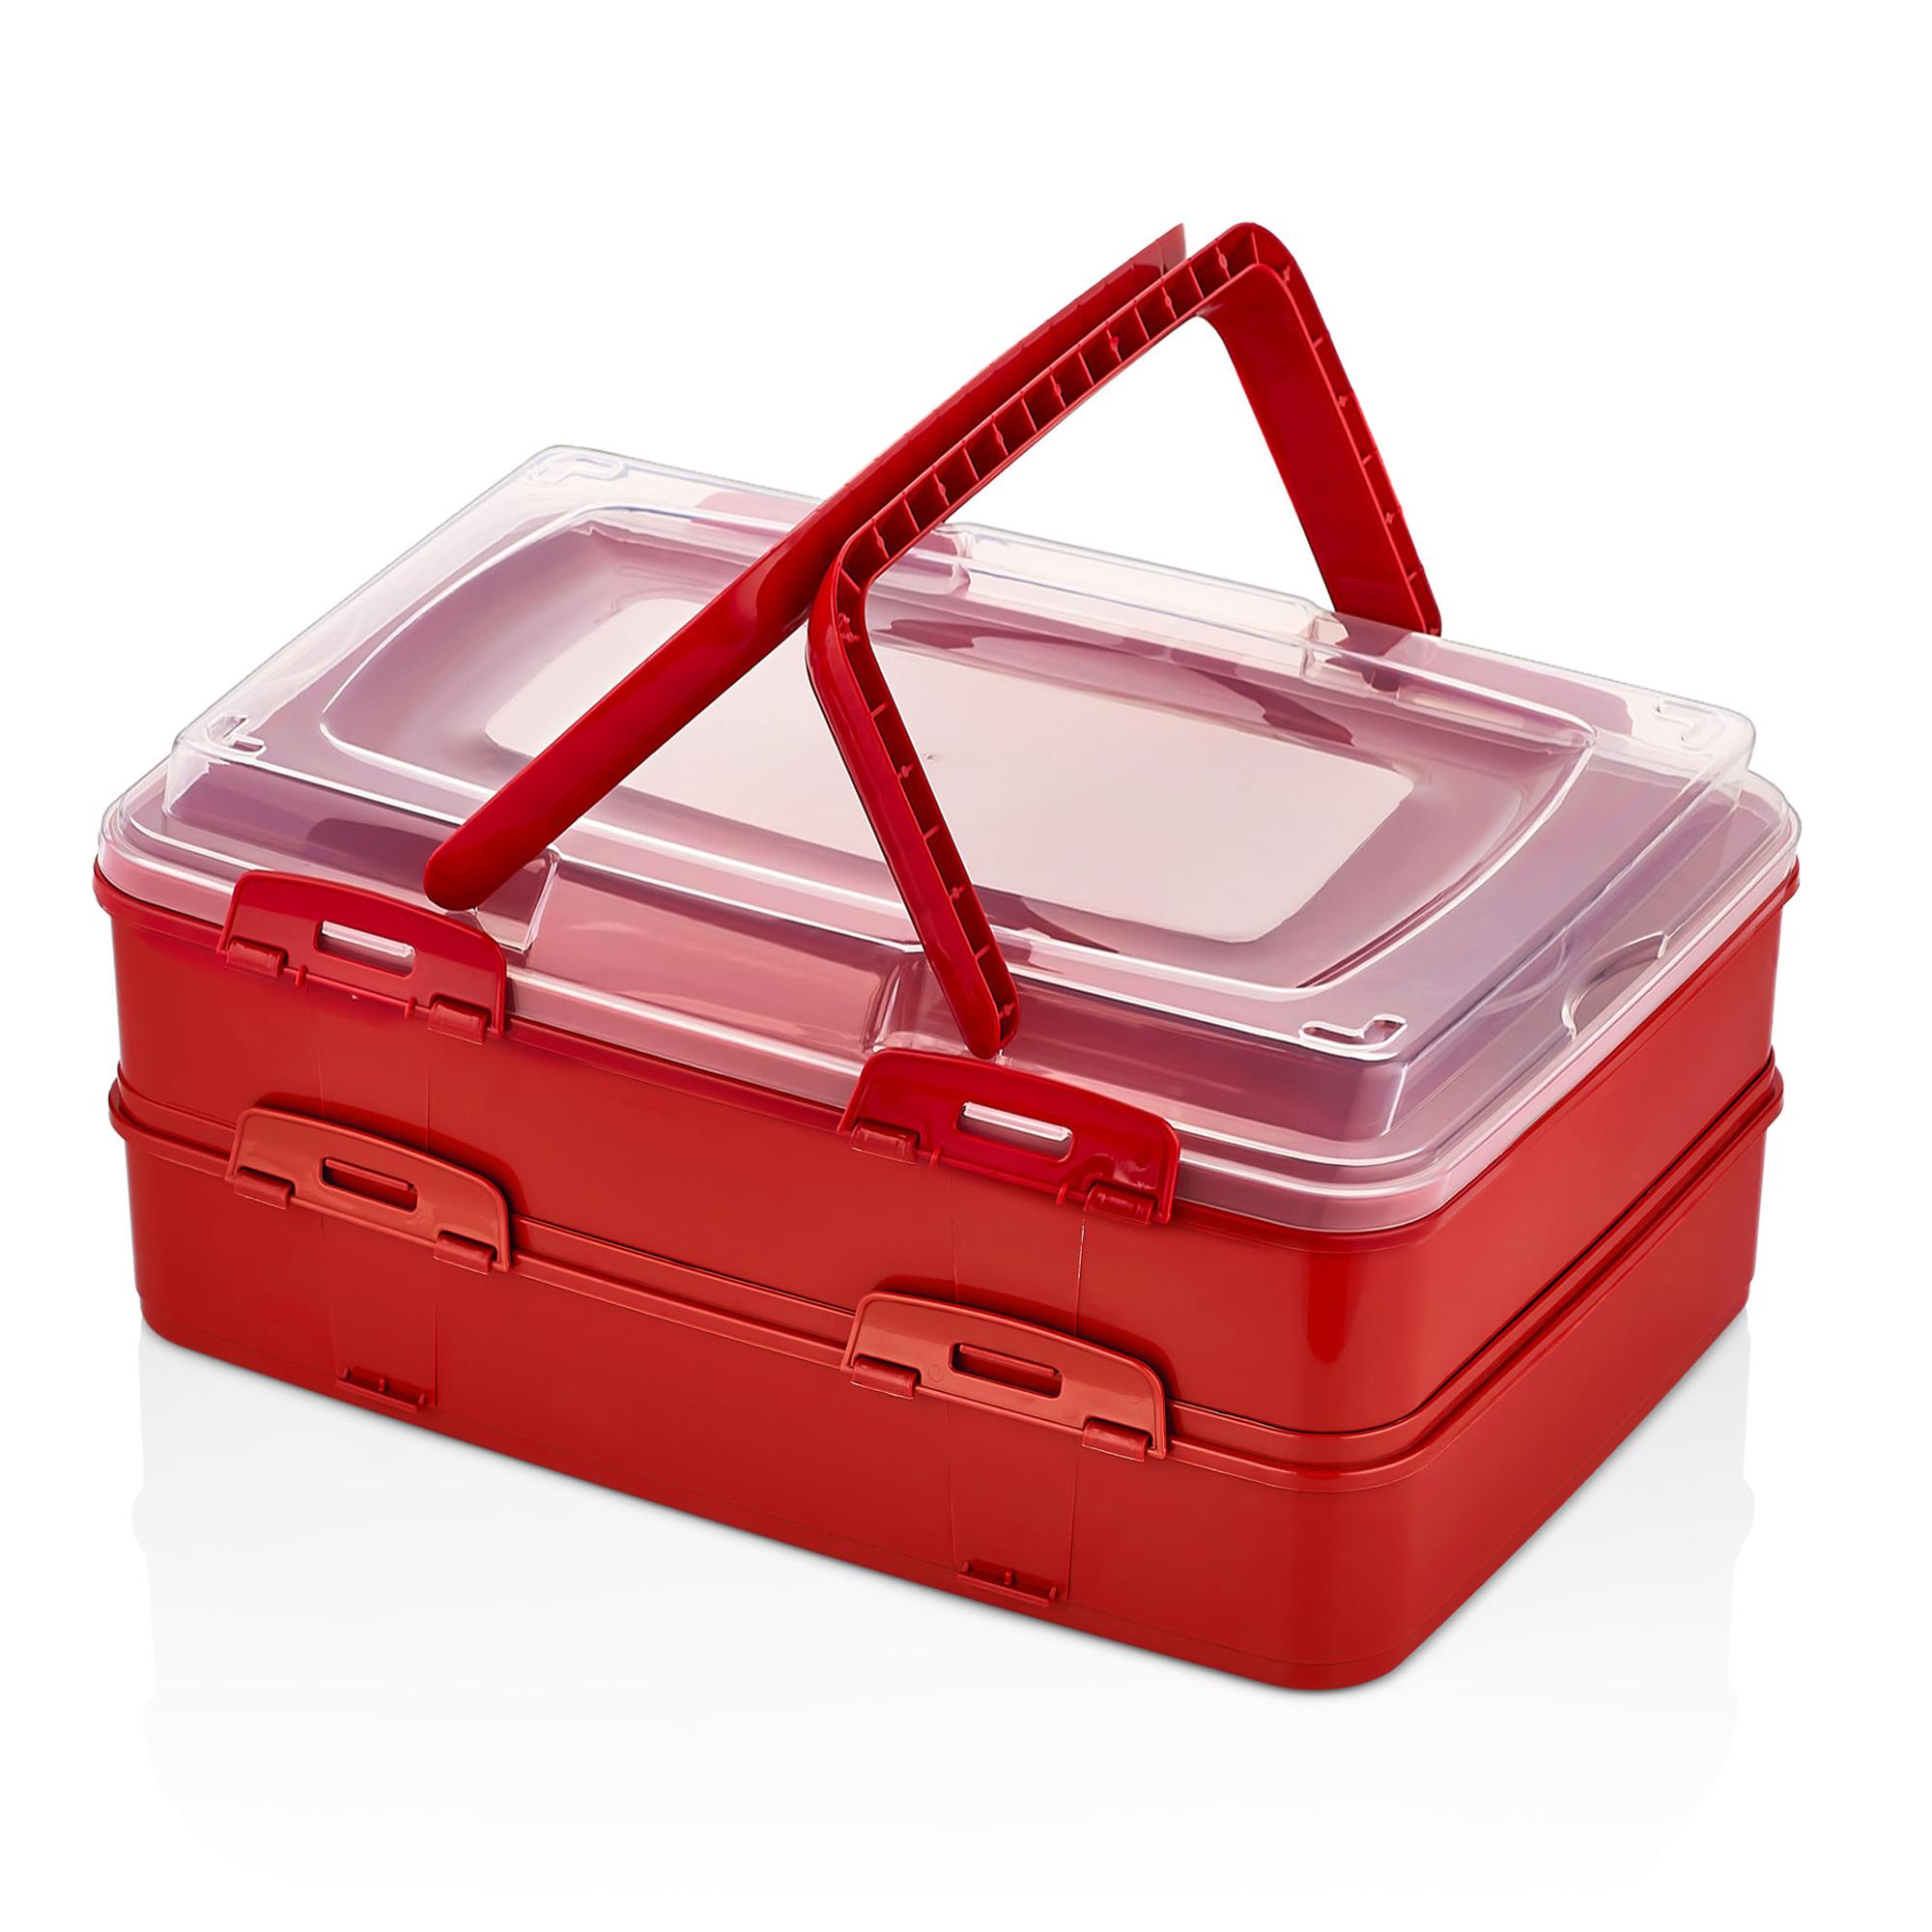 Herzberg HG-L718 : Boîte de transport de pâtisseries à emporter en duplex Rouge